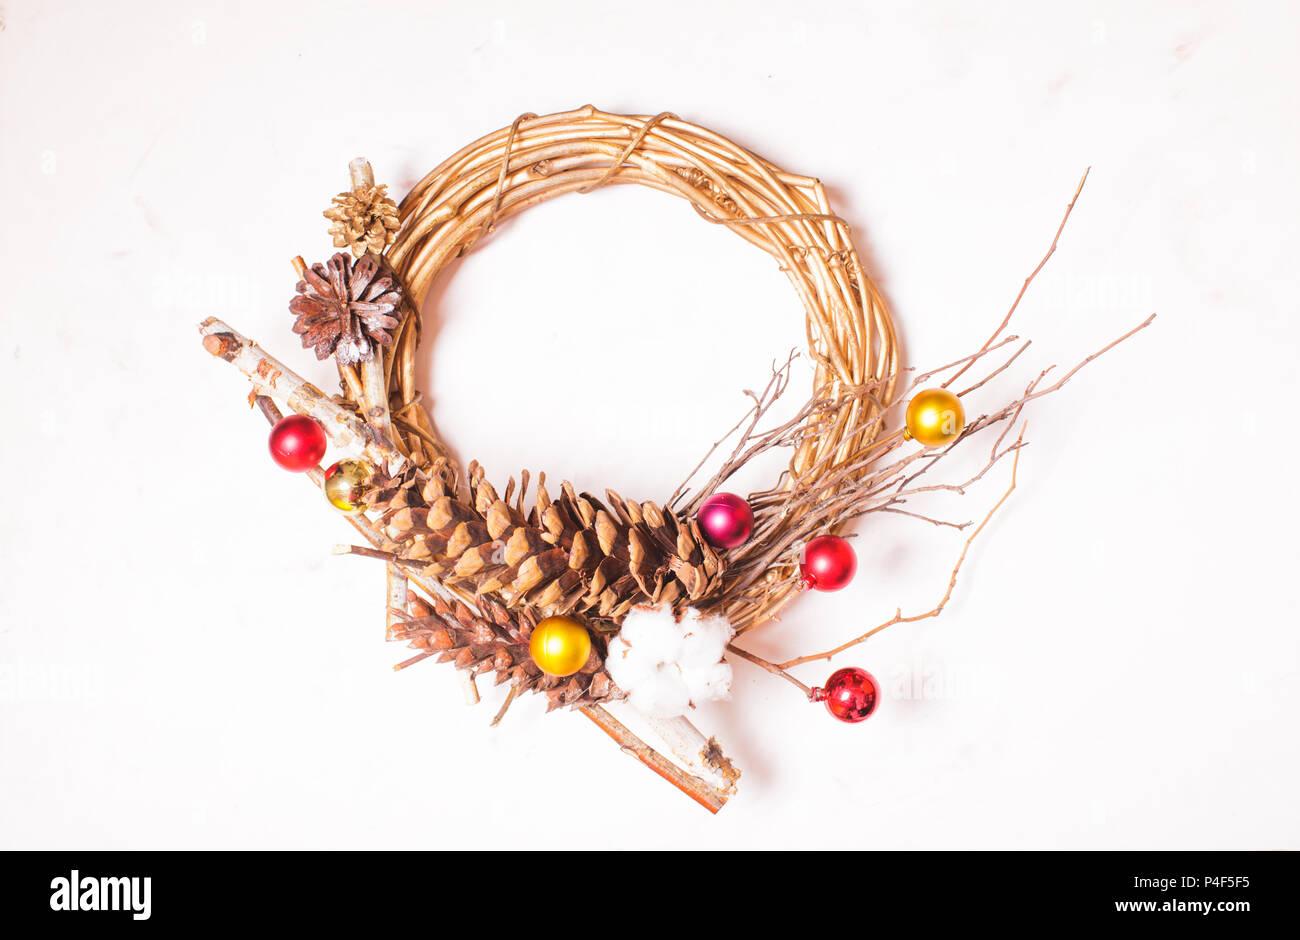 Vintage stylish Christmas wreath - Stock Image